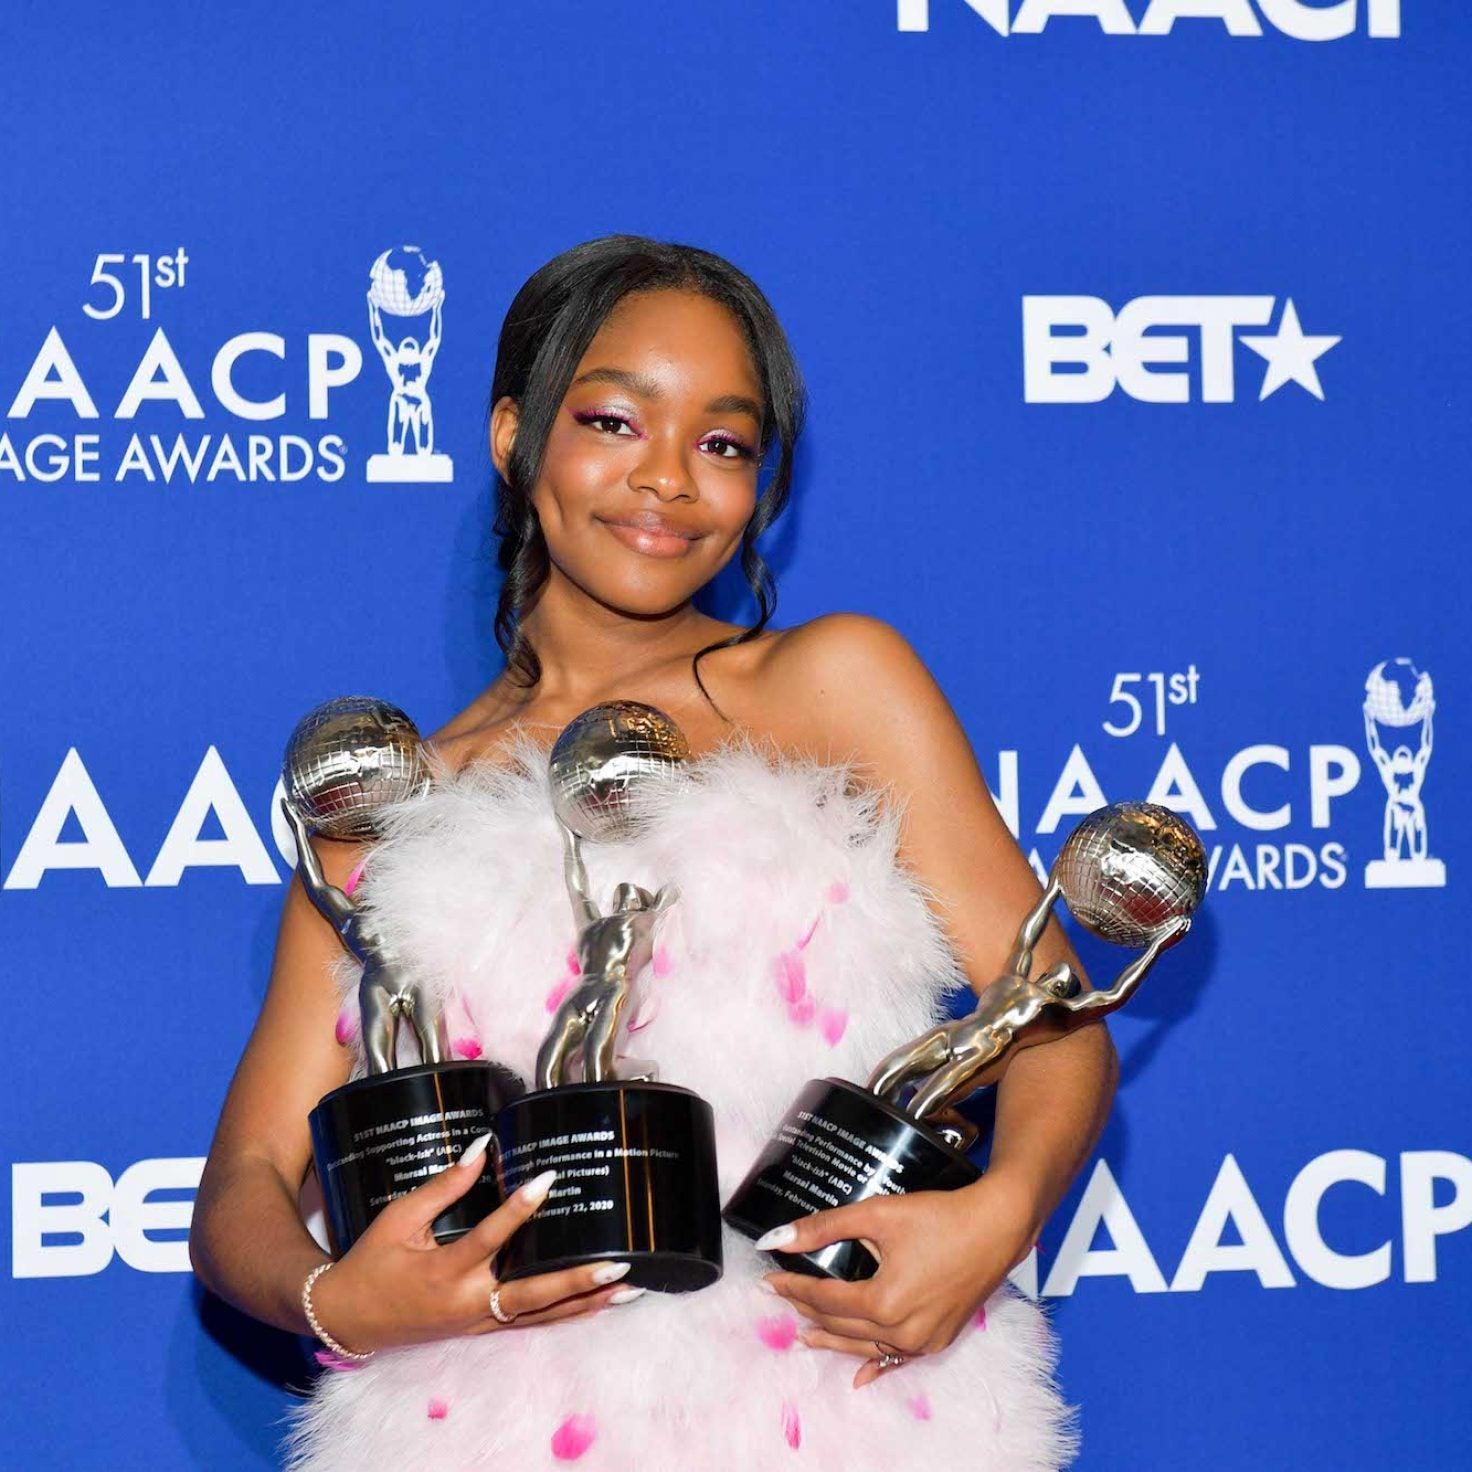 We See You! Marsai Martin Lands Three NAACP Image Awards